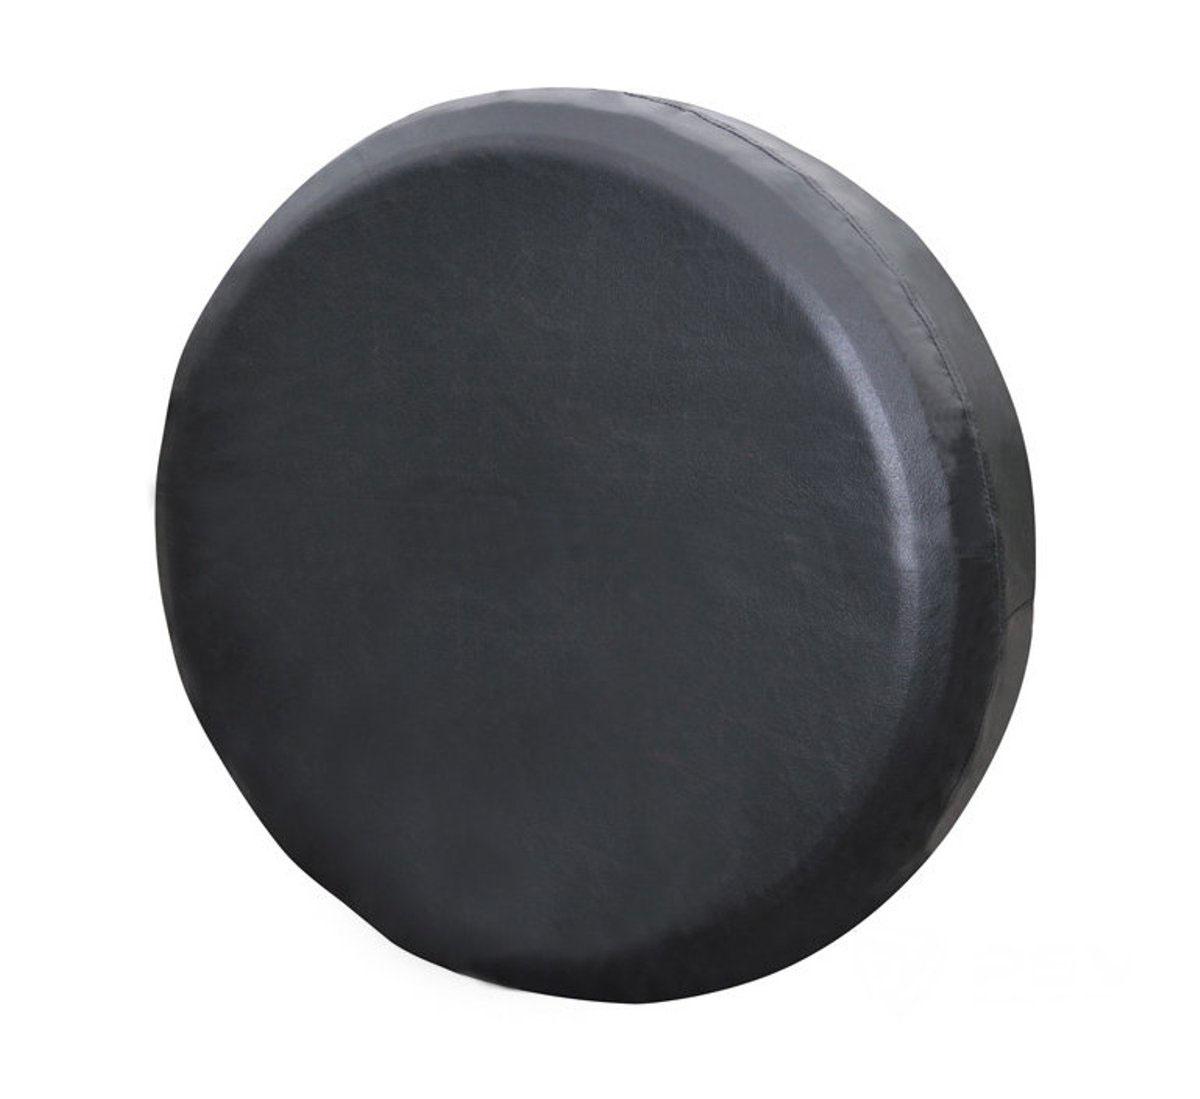 Чехол на запасное колесо Auto premium. Размер L (74-79 см), цвет: черный. 7720398298130Чехол на запасное колесо автомобиля ( Размер L), выполненый из высококачественной экокожи, прекрасно охранит «запаску» от негативного влияния погодных условий: пыль грязь, дождь, при этом чехол не потрескается на морозе.